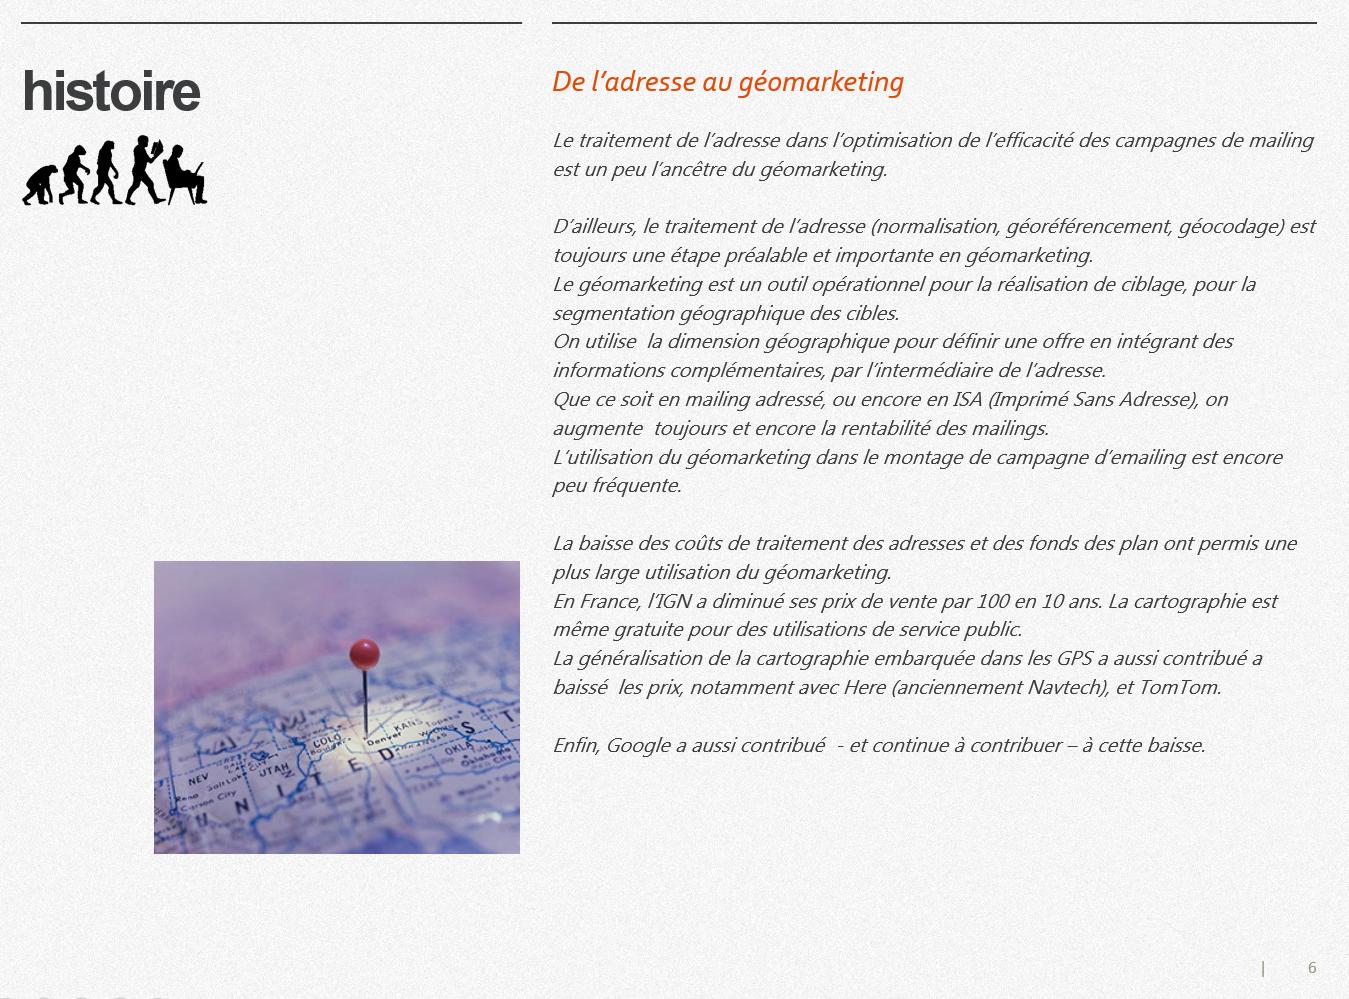 GMKT Slidedoc P6 Histoire 1